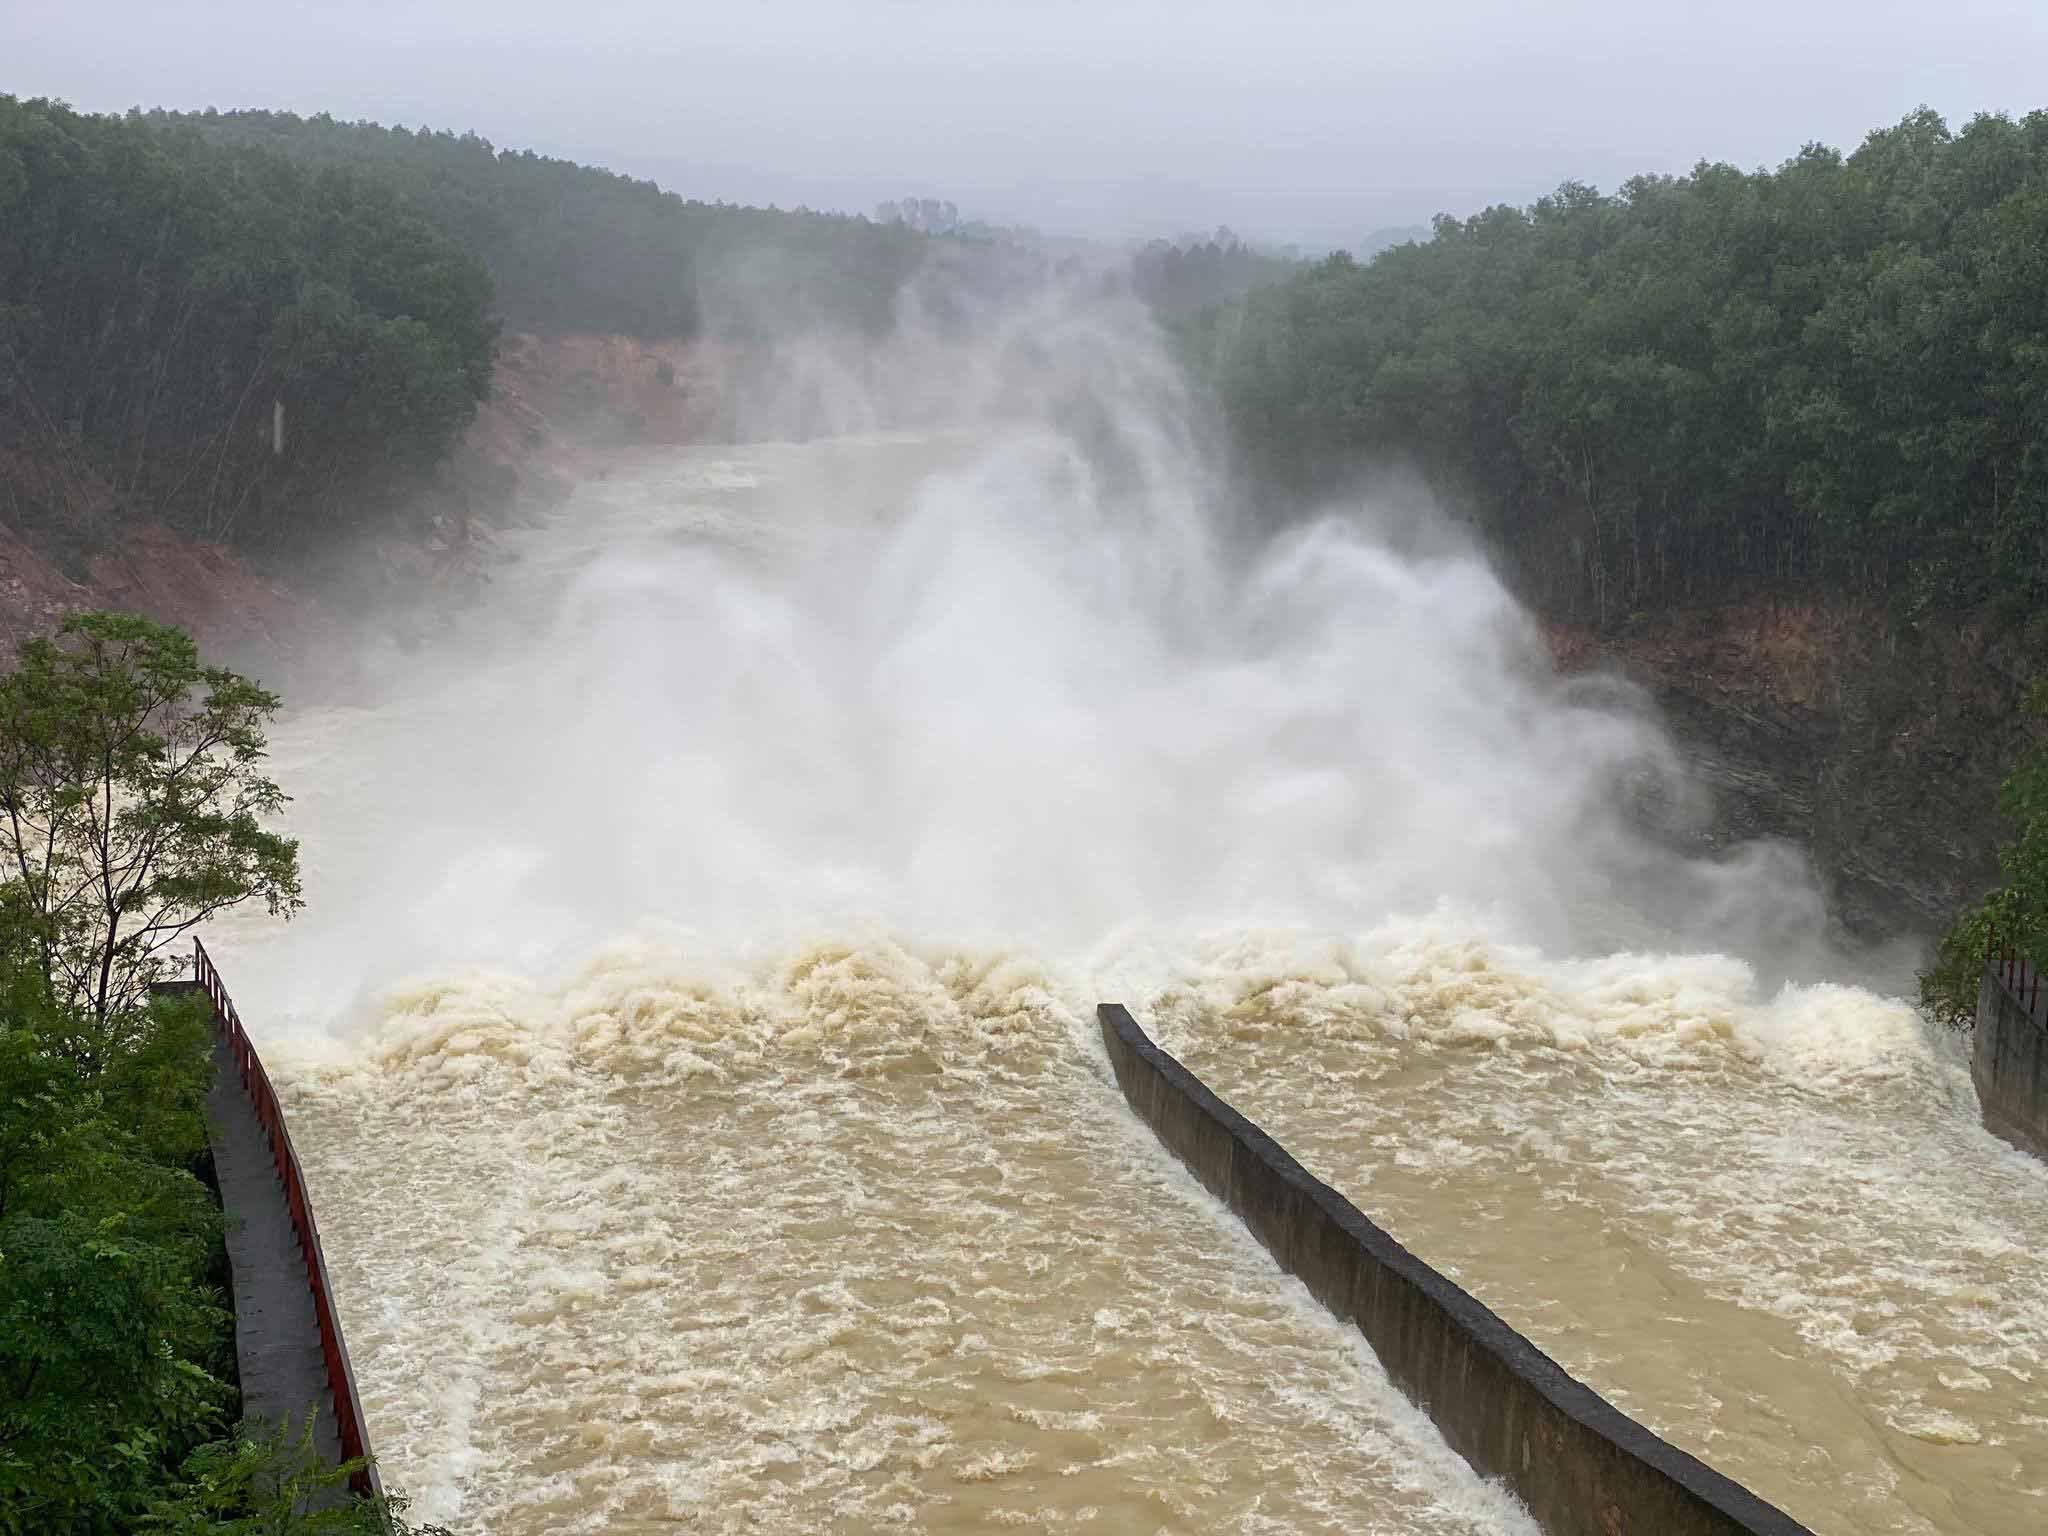 Lượng nước về hồ Kẻ Gỗ vượt ngưỡng, tăng mức xả lũ vào sáng mai